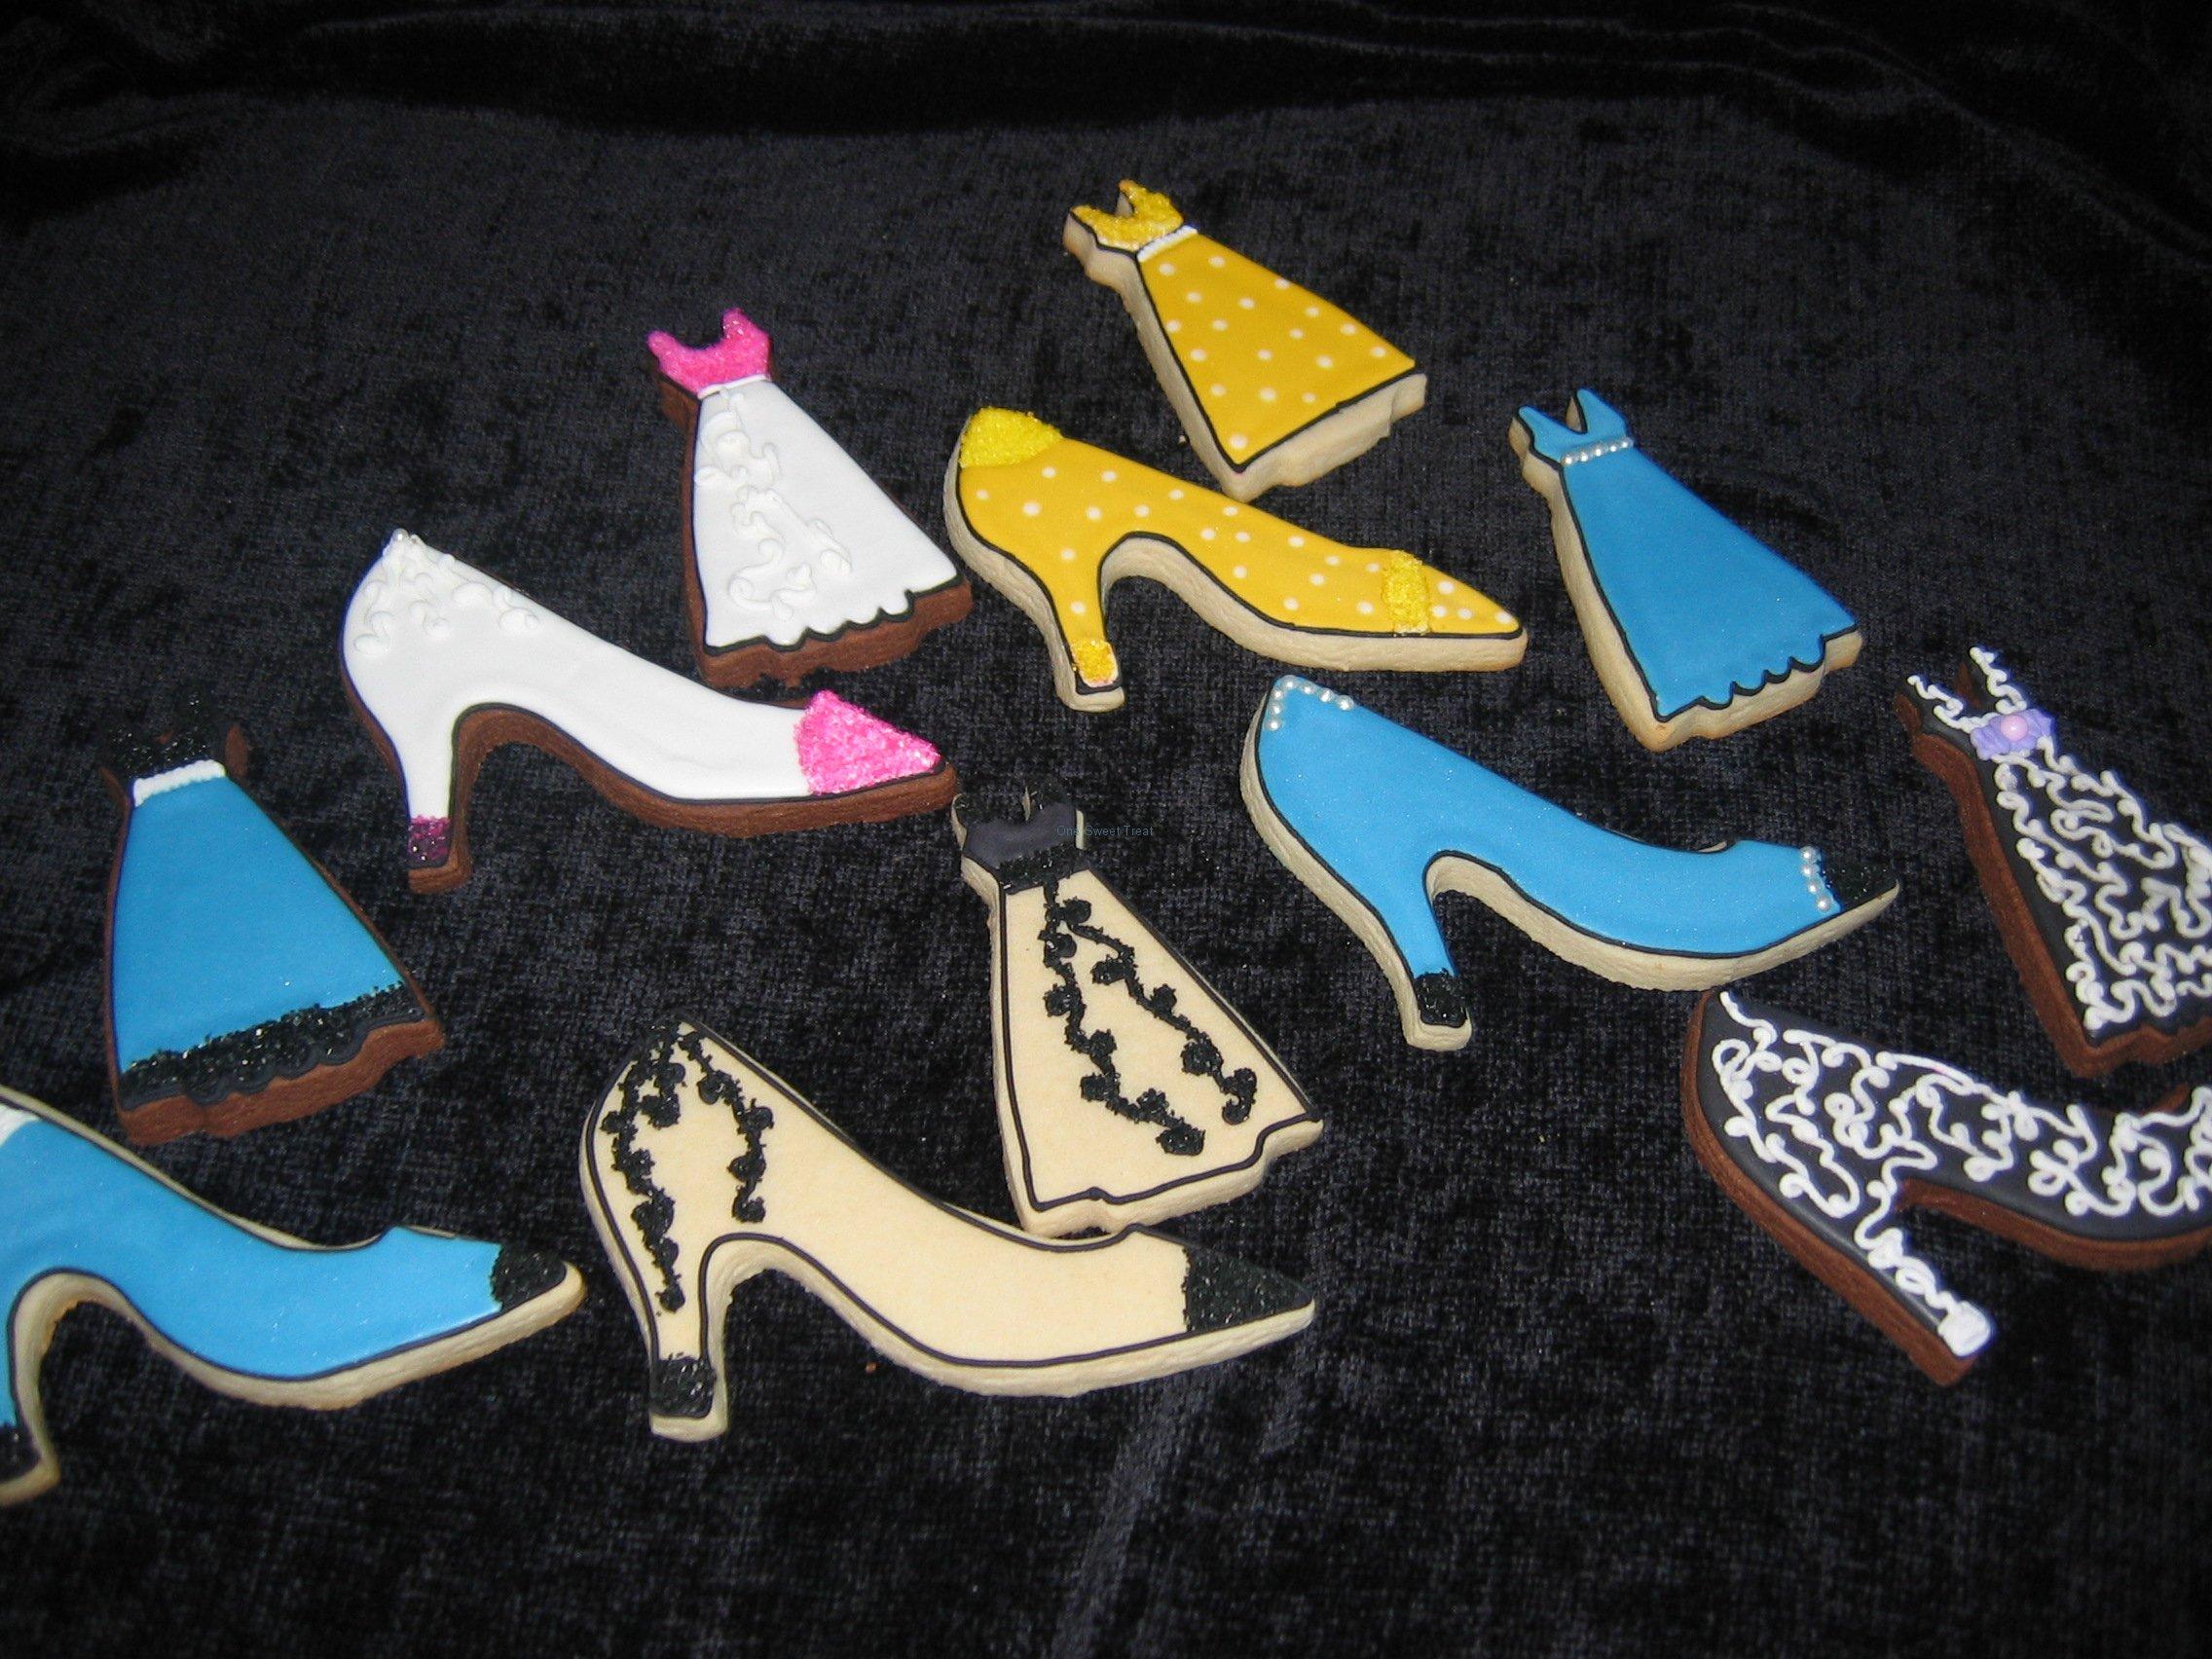 shoes-dresses-1